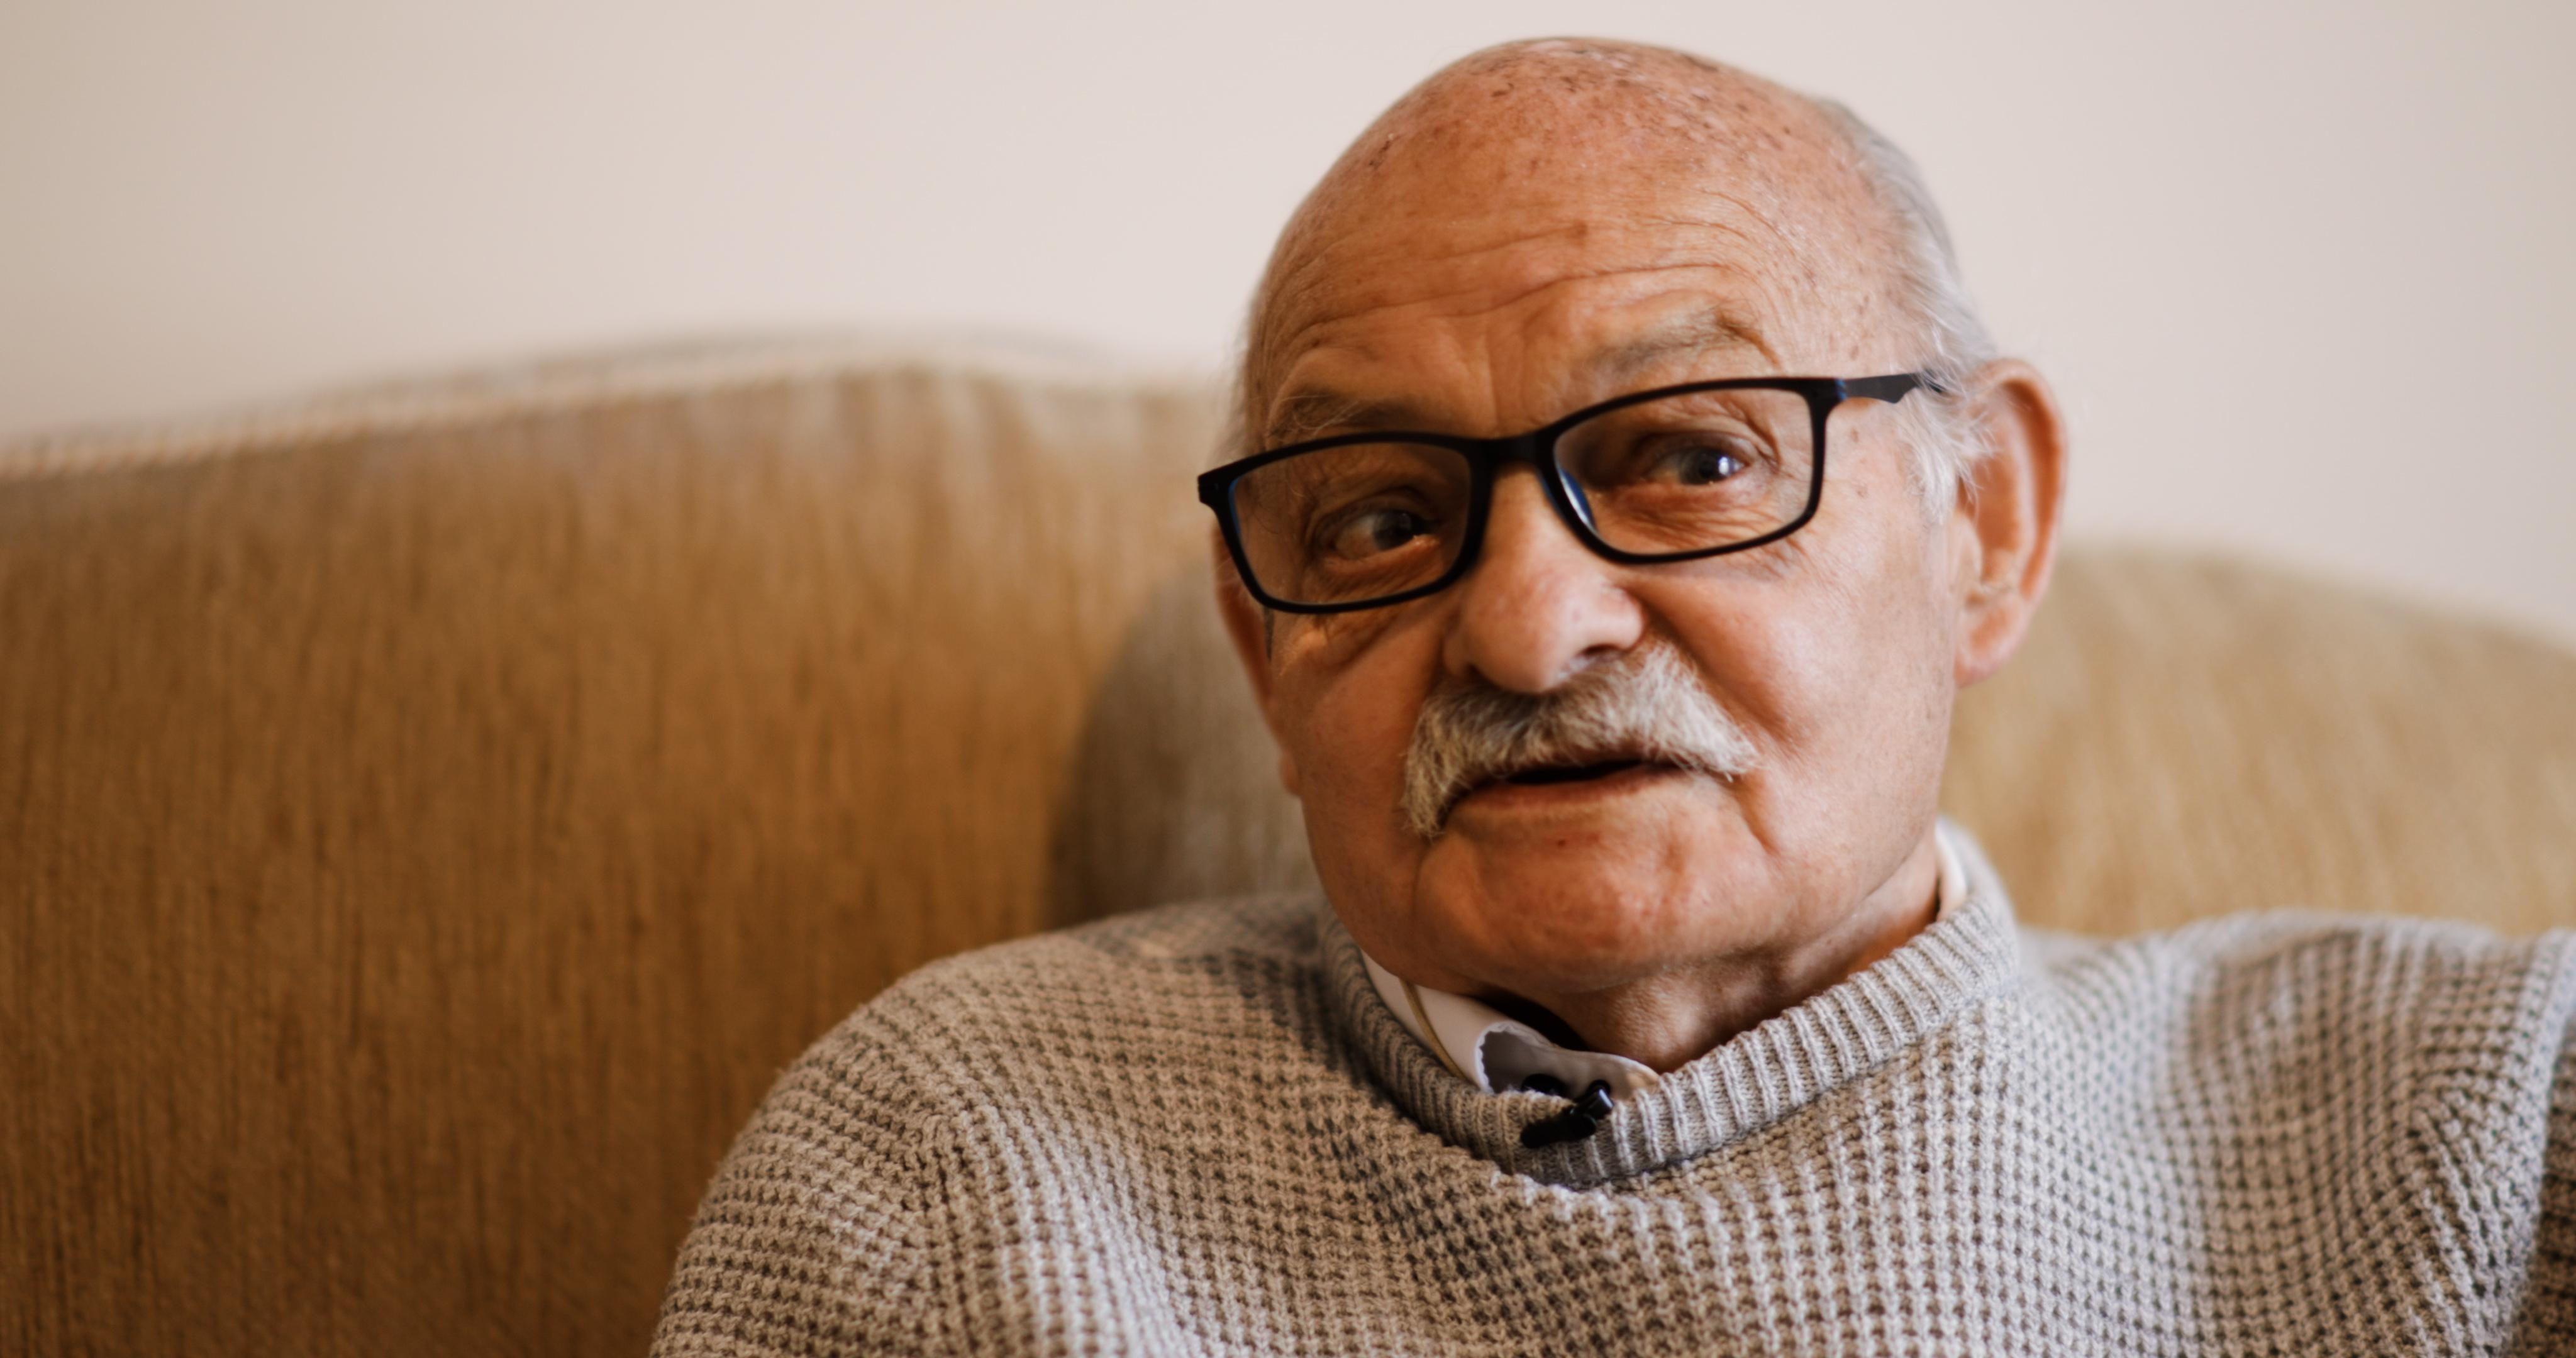 Len, Age UK Oxfordshire client